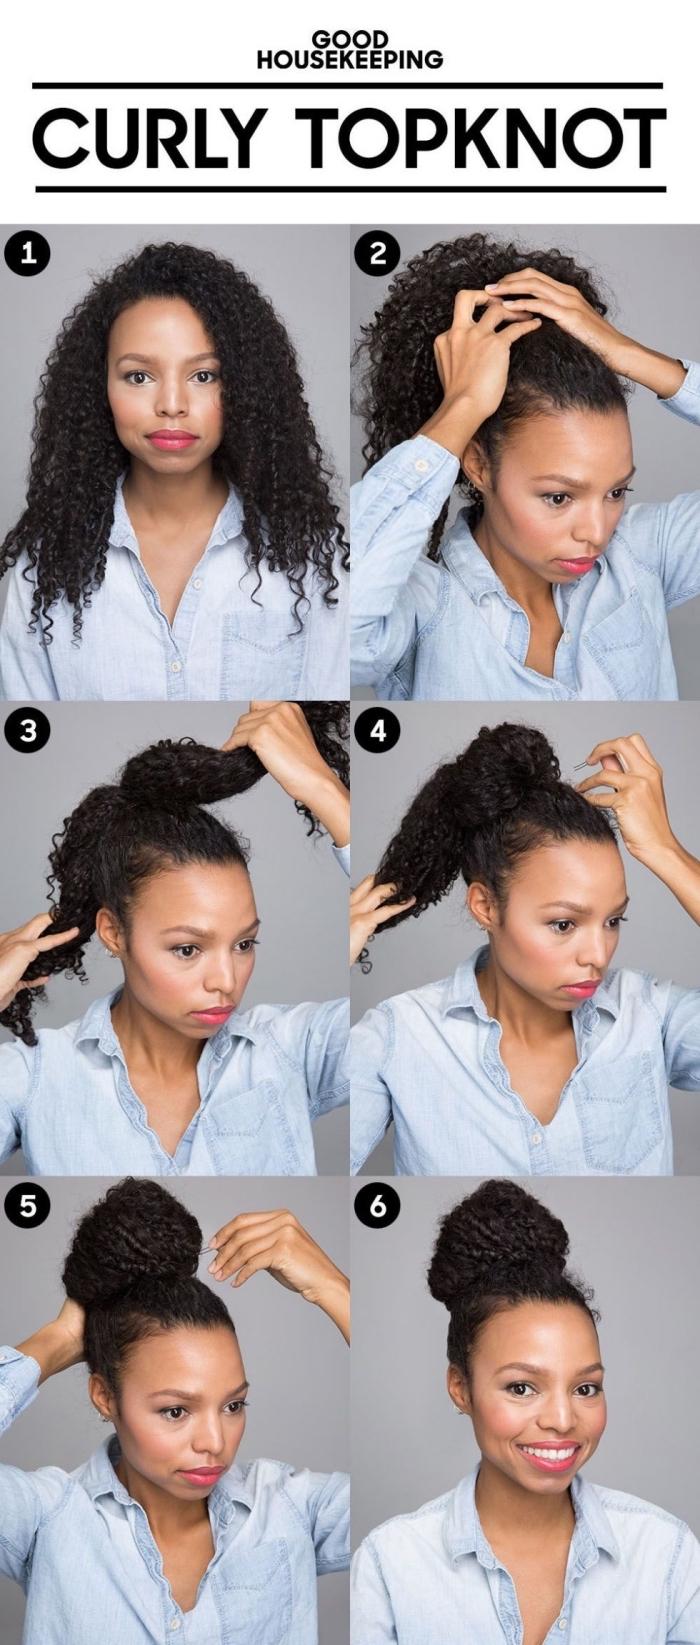 étapes à suivre pour réaliser un chignon haut sur cheveux crépus volumineux, idée comment attacher les cheveux frisés